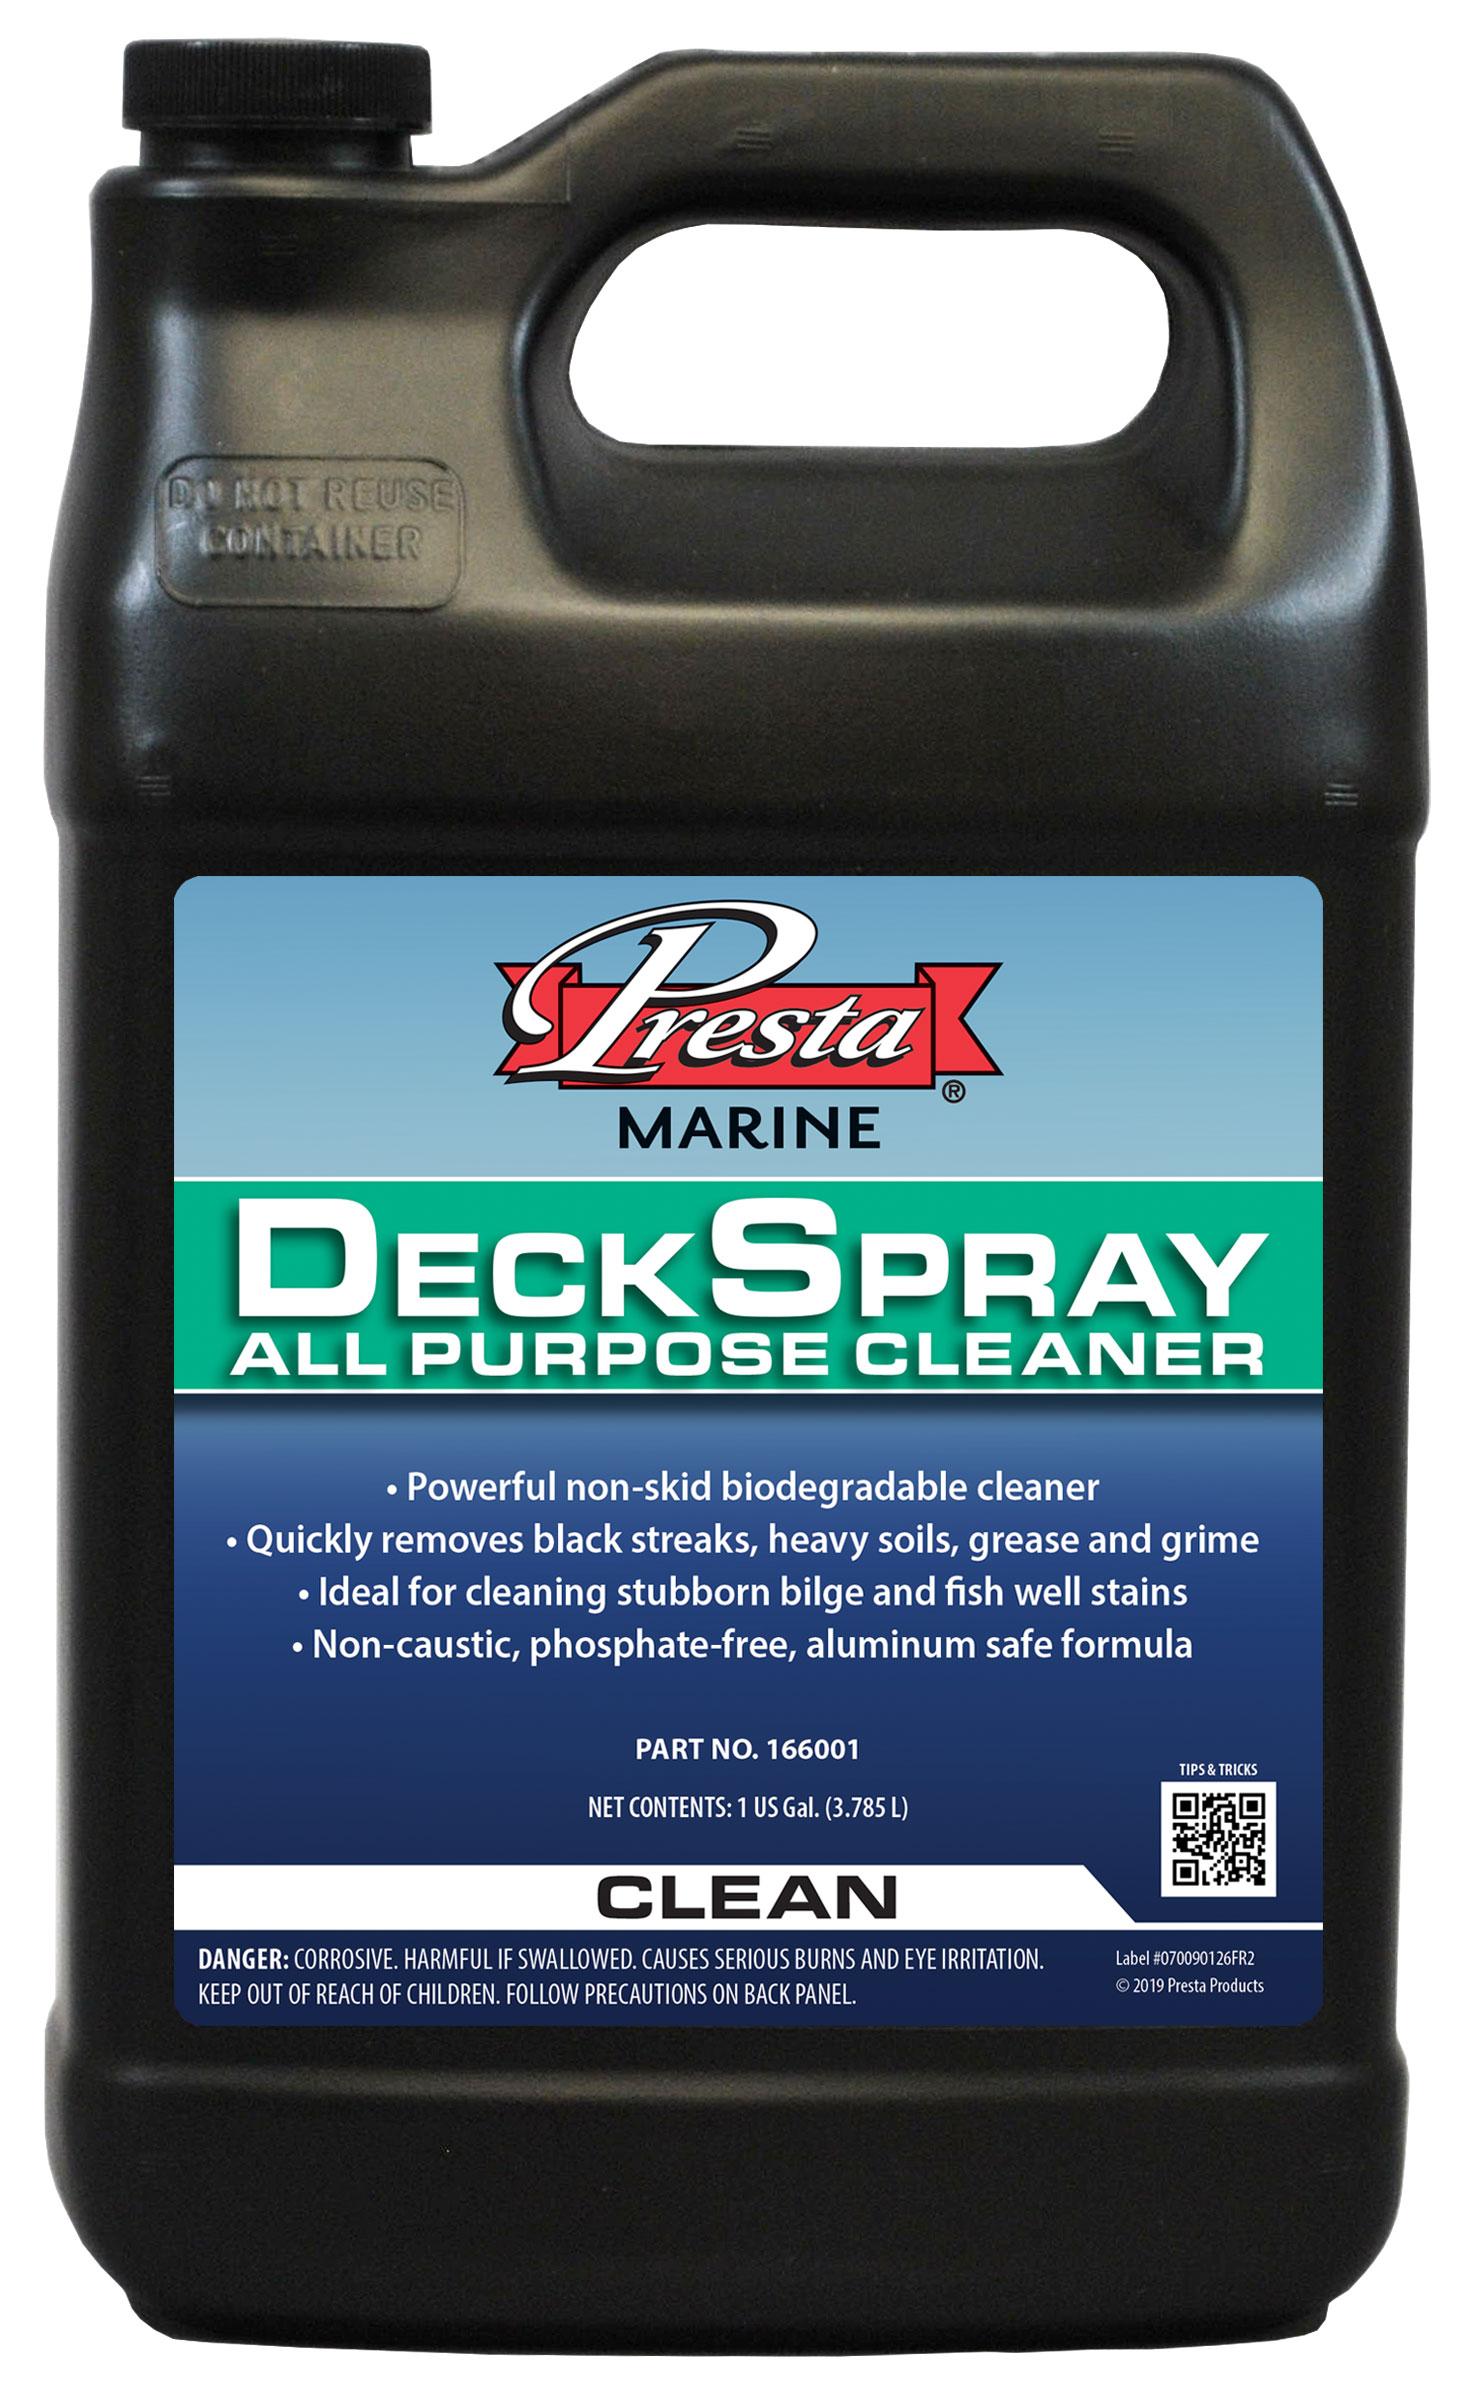 DECKSPRAY ALL PURPOSE CLEANER - 166001